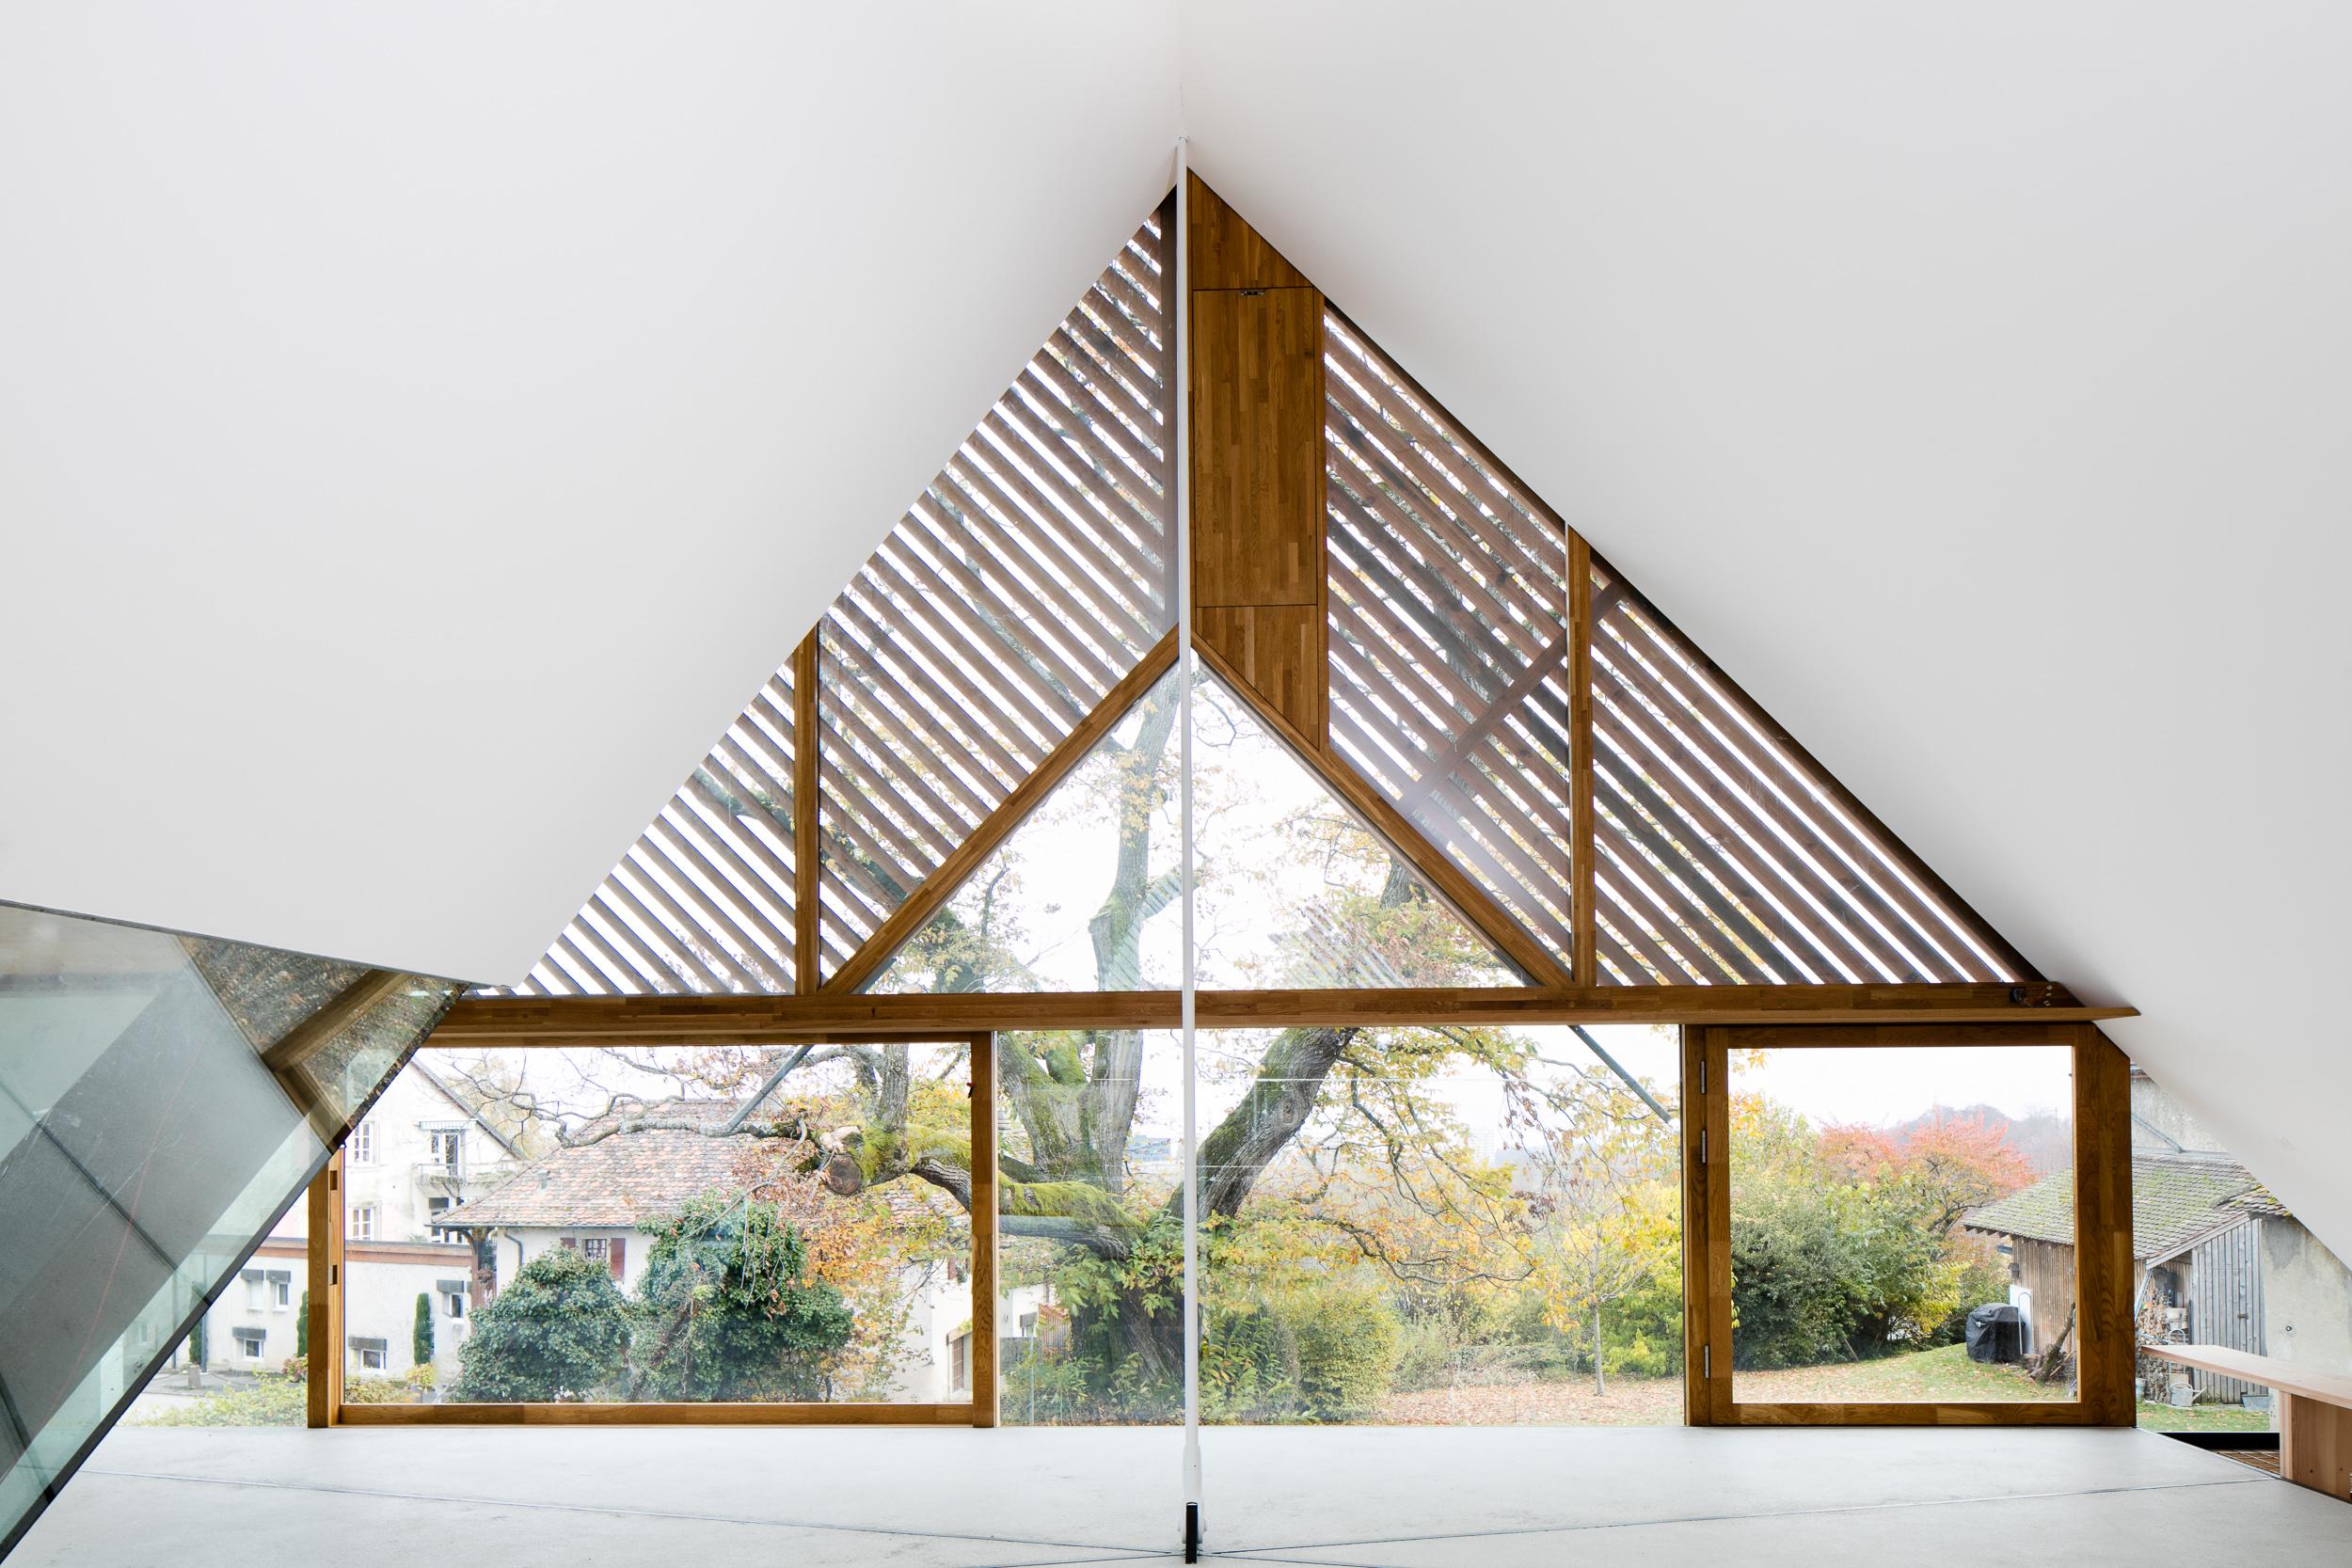 Chigny - Villa  Dieter Dietz Studio